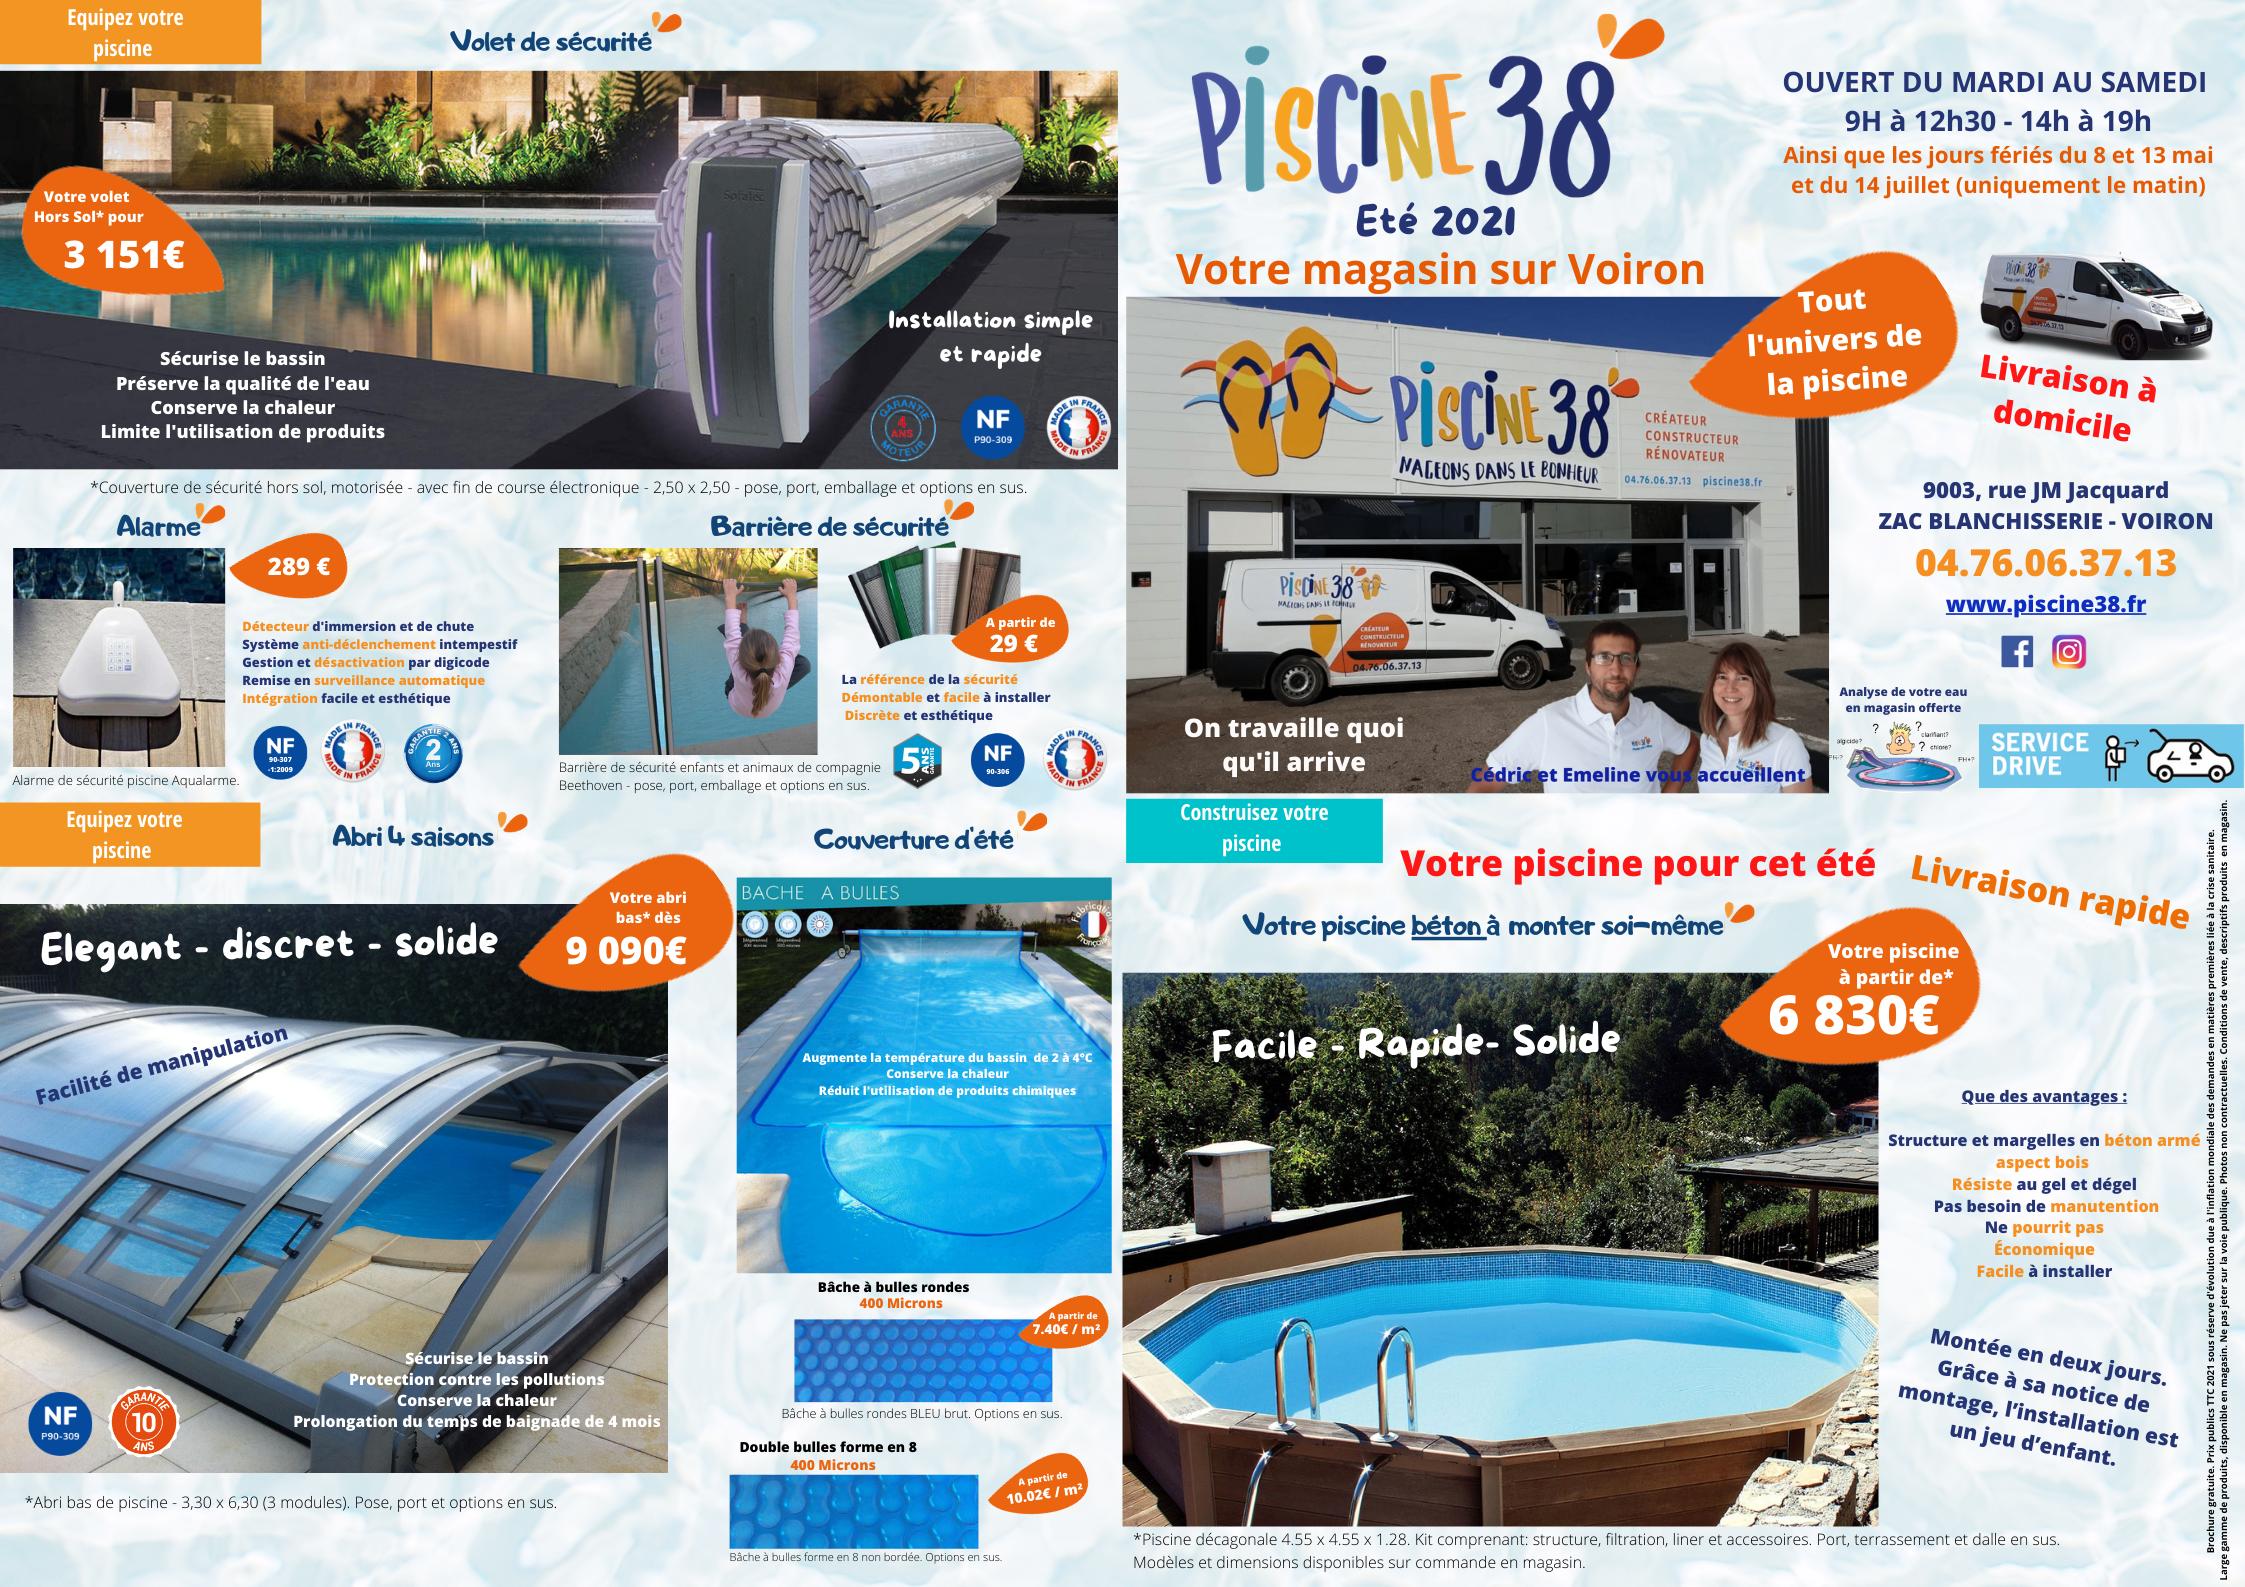 Dépliant produits piscine 38 pour été 2021